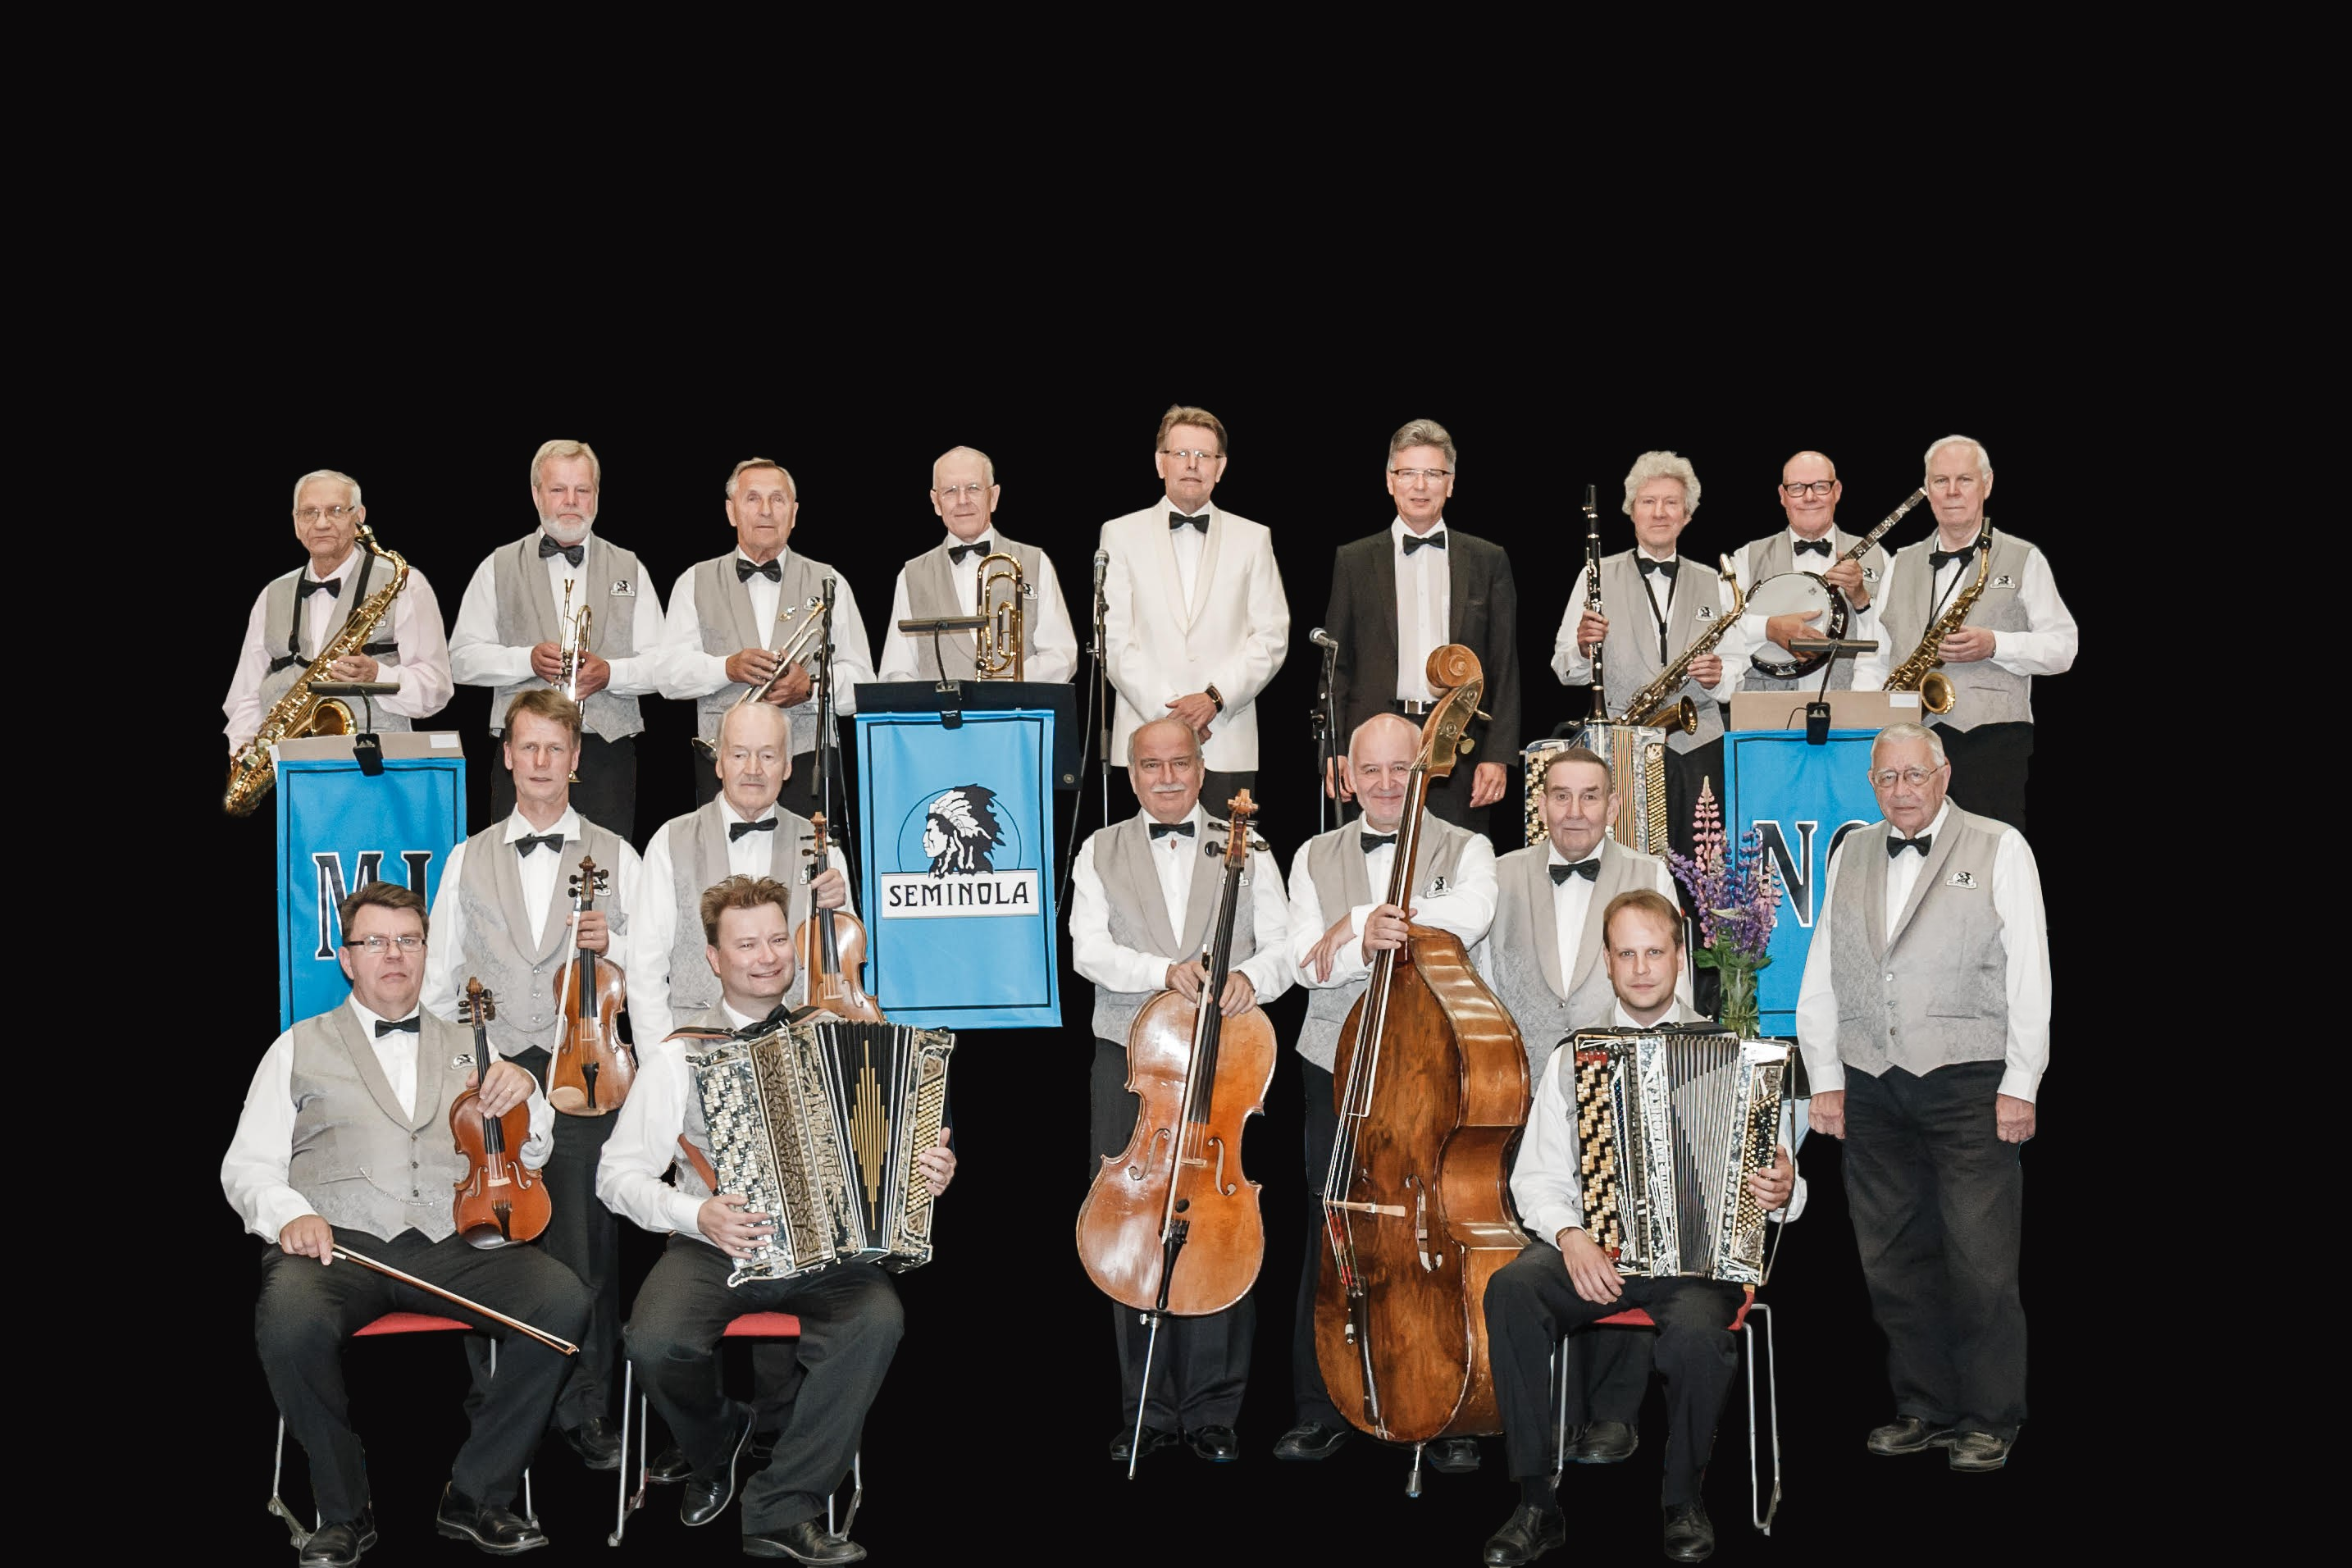 Rillumarein, eksoottisten rytmien ja jazziskelmän vuosikymmen, 1950-luku, on Seminola-orkesterin teemana Kangasala-talon konsertissa marraskuussa 2020.